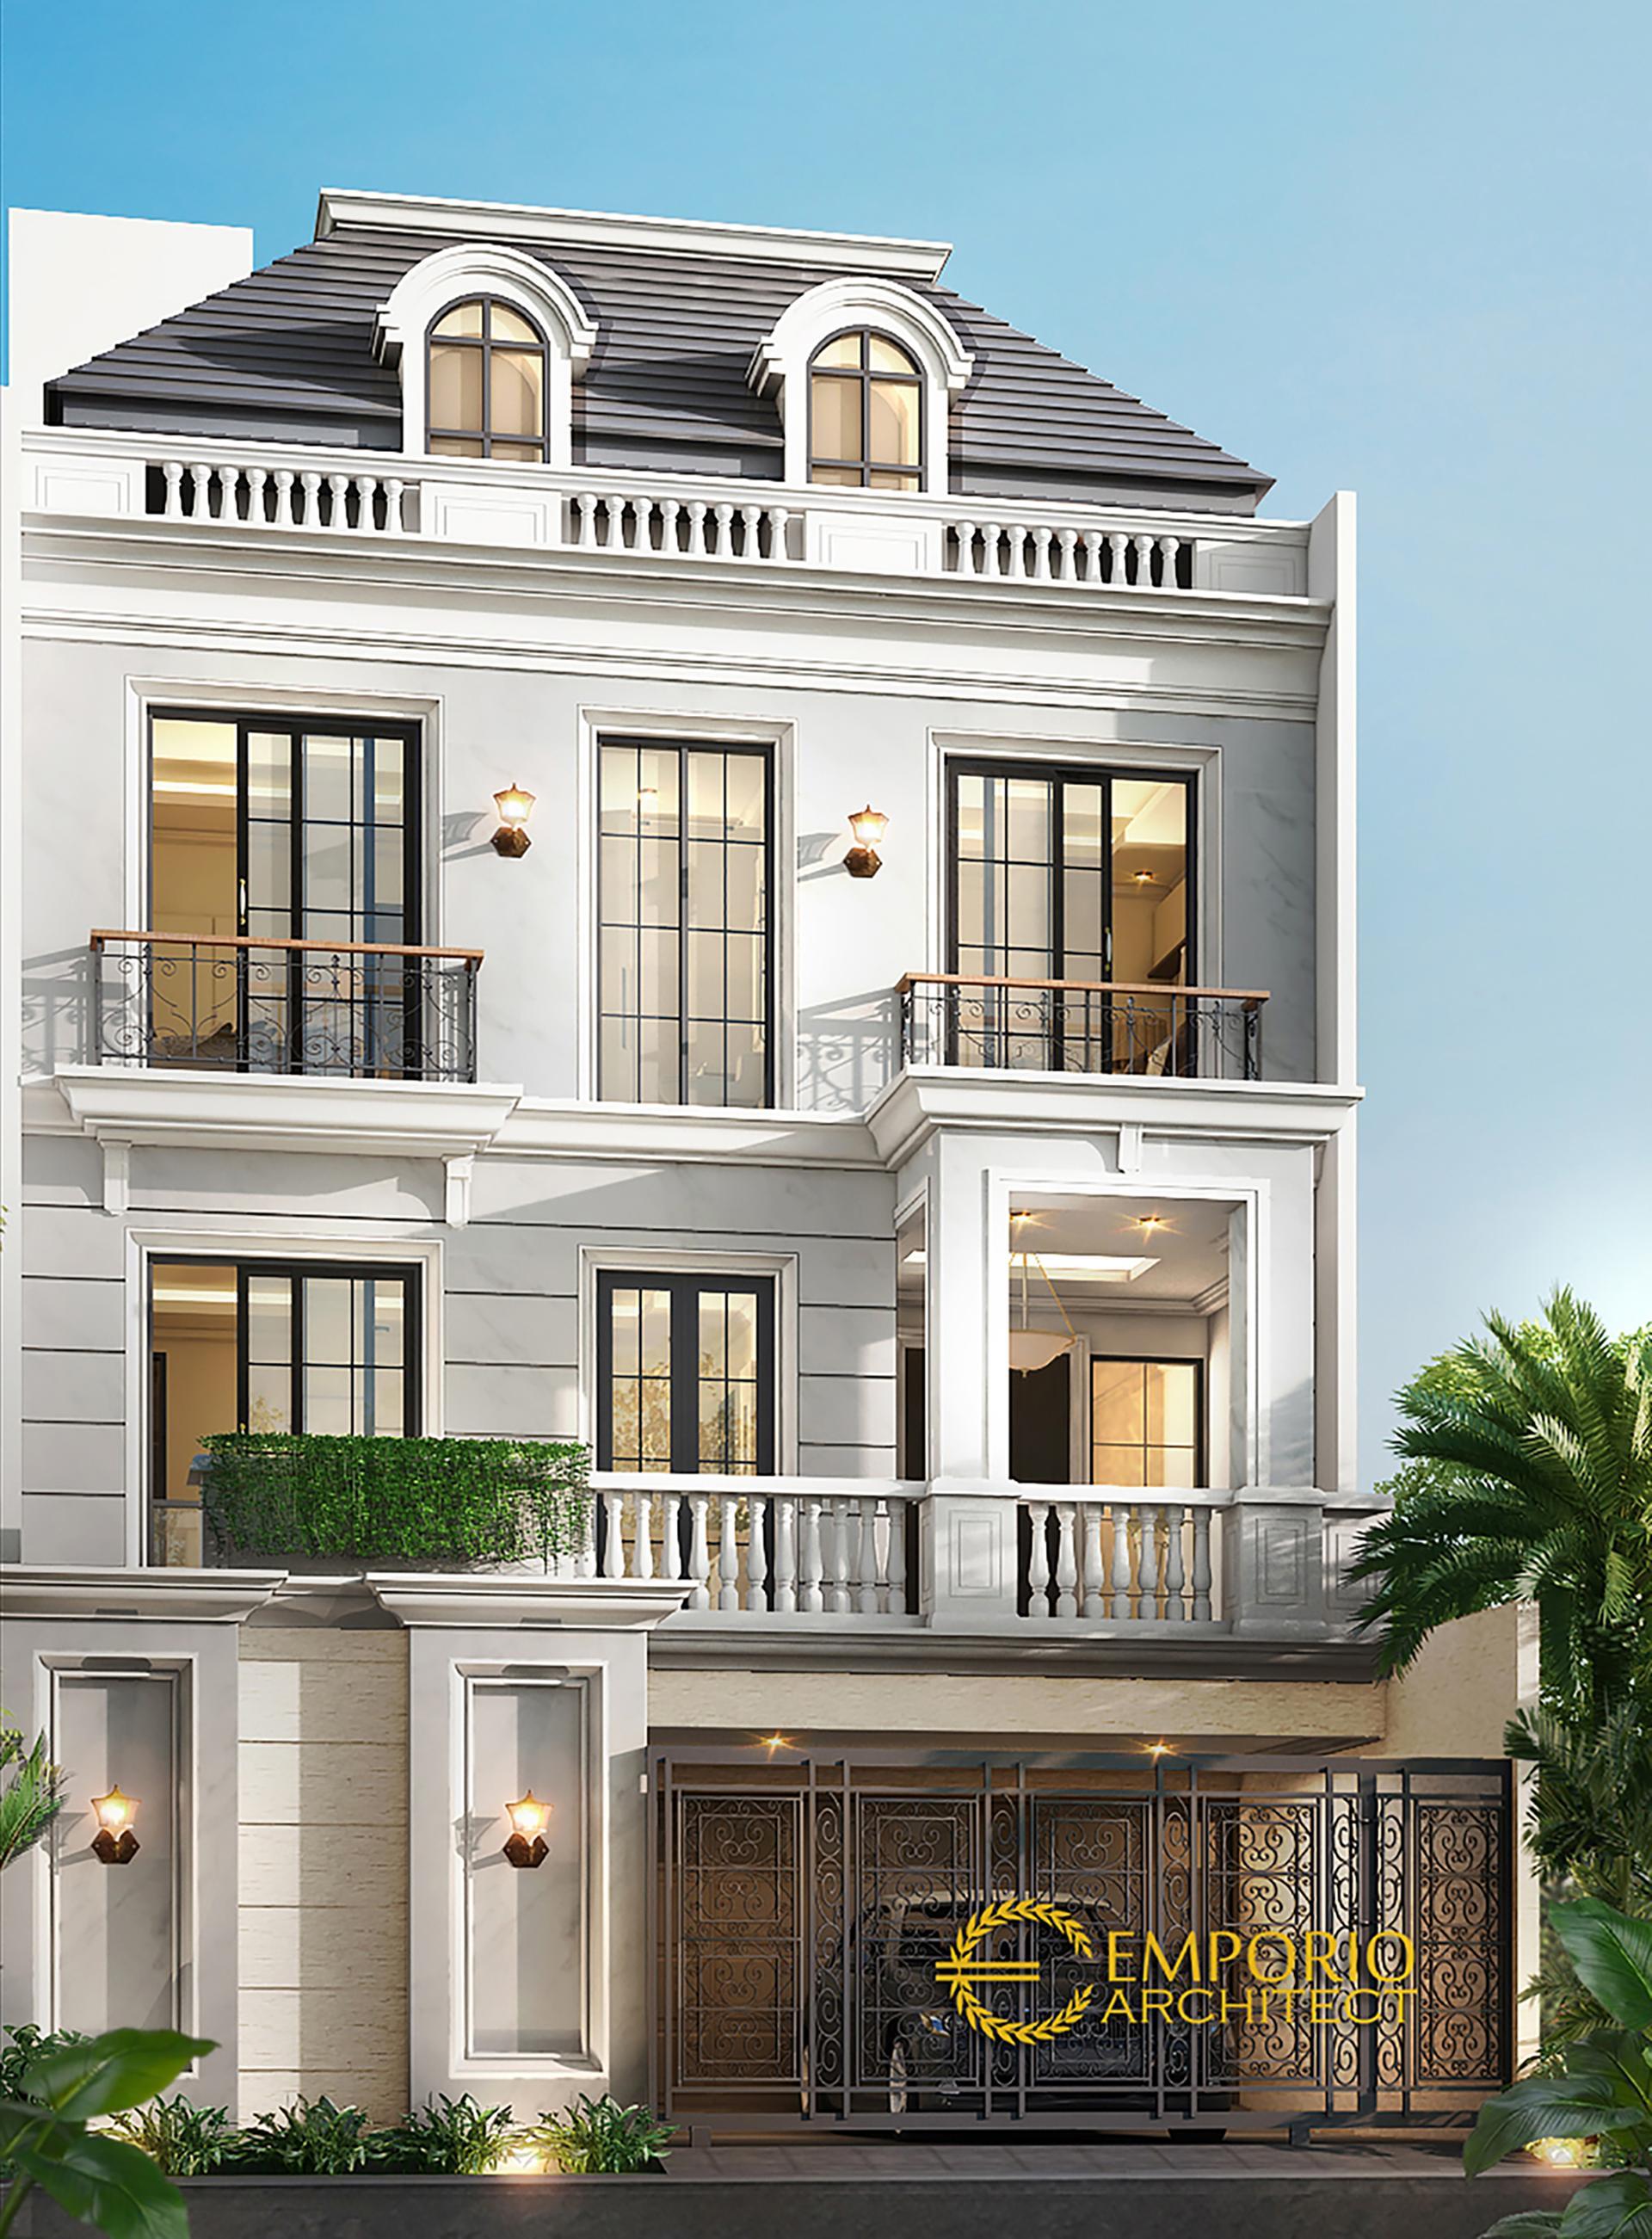 Desain Rumah Classic 4 Lantai Bapak Bernard Di Jakarta Utara